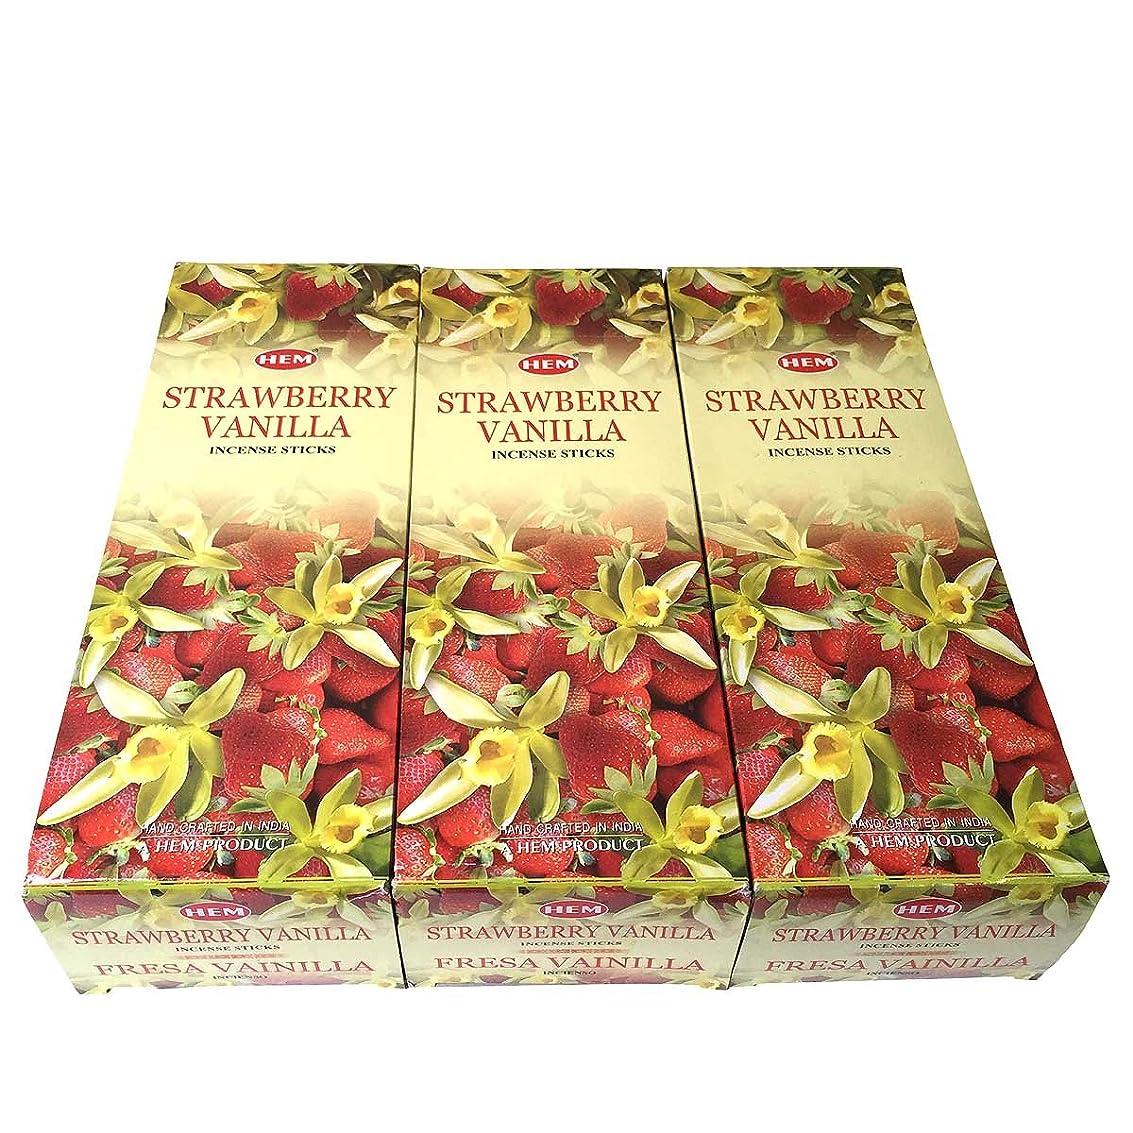 甘味怖い太平洋諸島ストロベリーバニラ香スティック 3BOX(18箱) /HEM STRAWBERRY VANILLA/インセンス/インド香 お香 [並行輸入品]